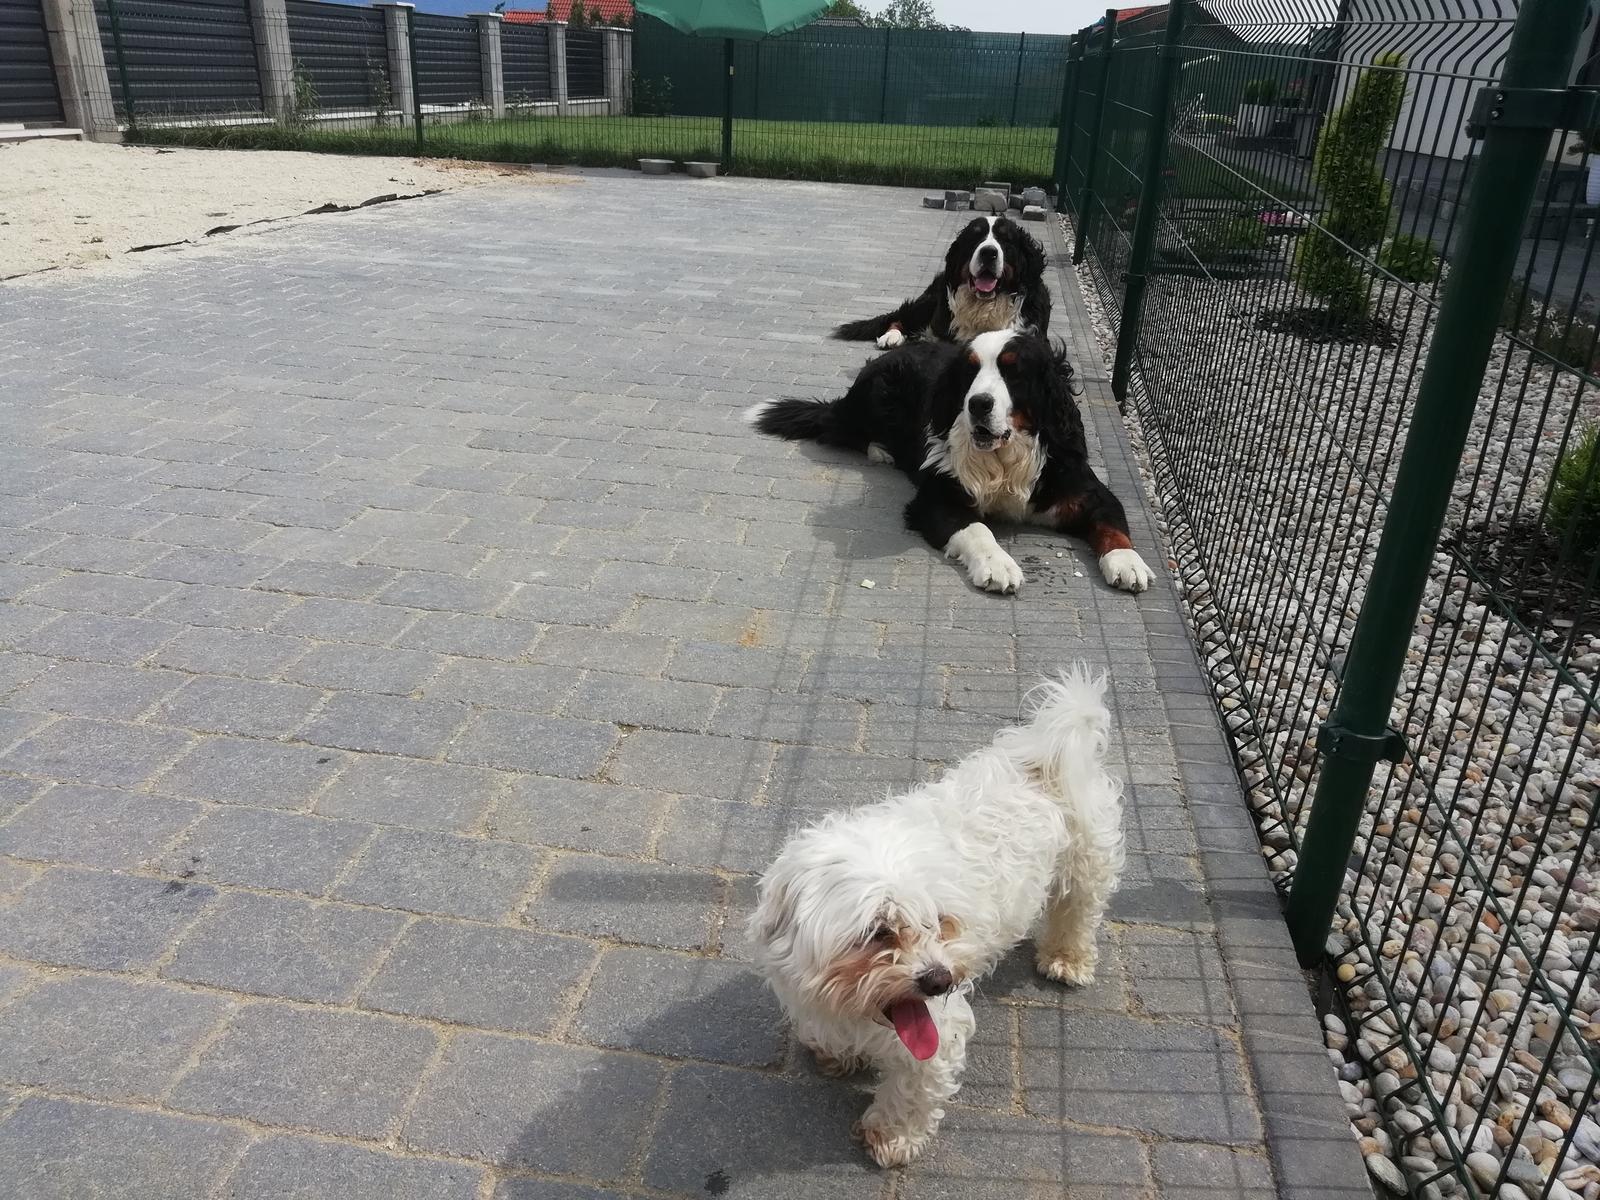 Nas zverinec - dve fenky,jeden pes a dvaja kocurikovia - Obrázok č. 85